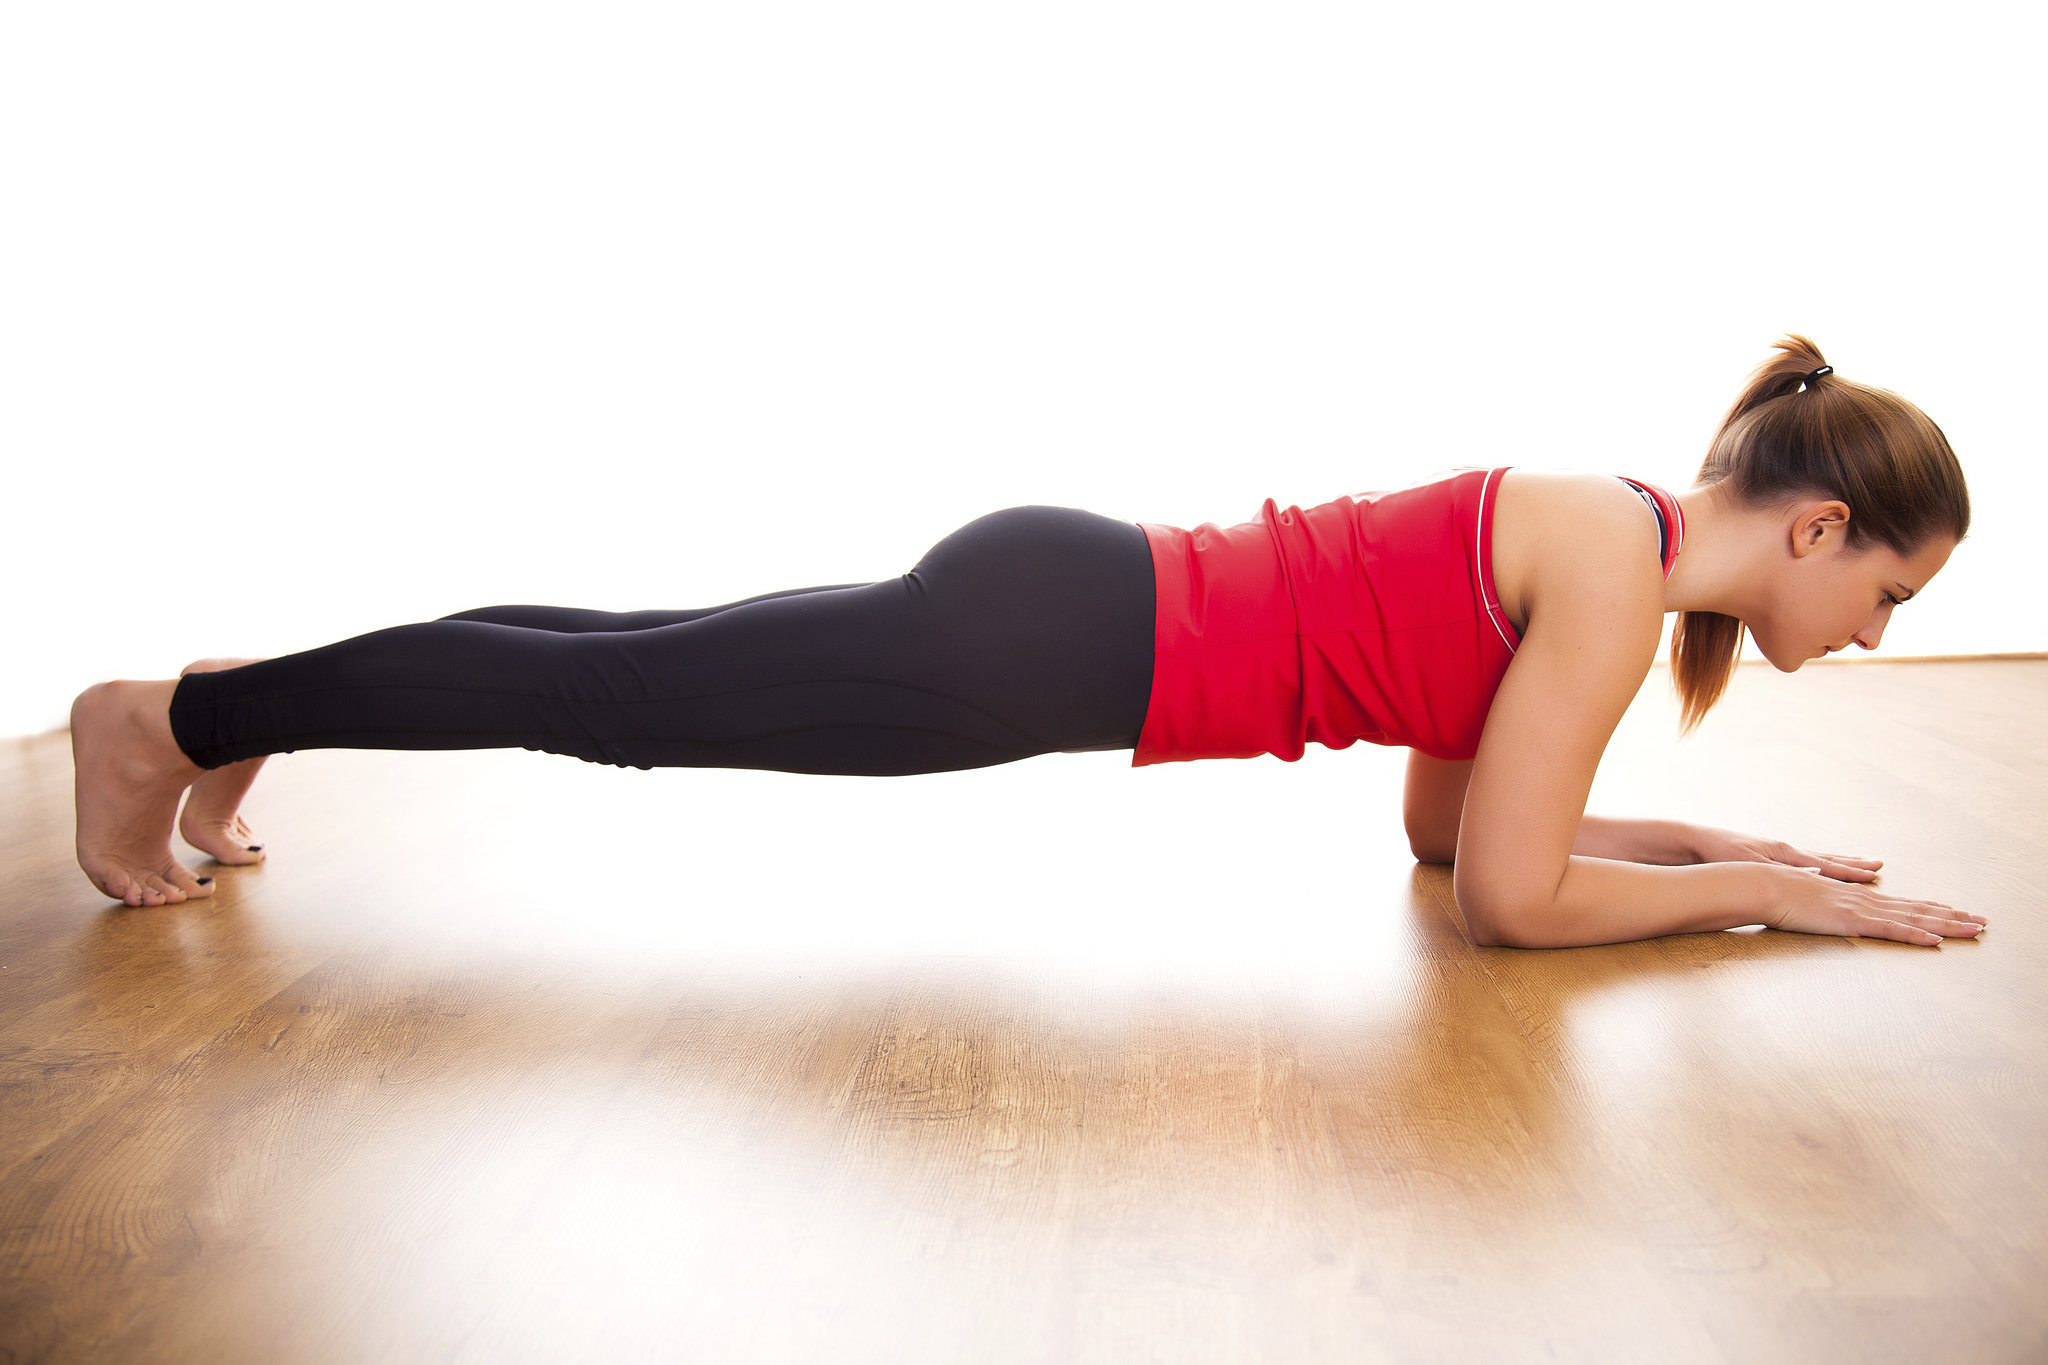 Универсальное упражнение «Планка». Когда лучше делать: утром или вечером?